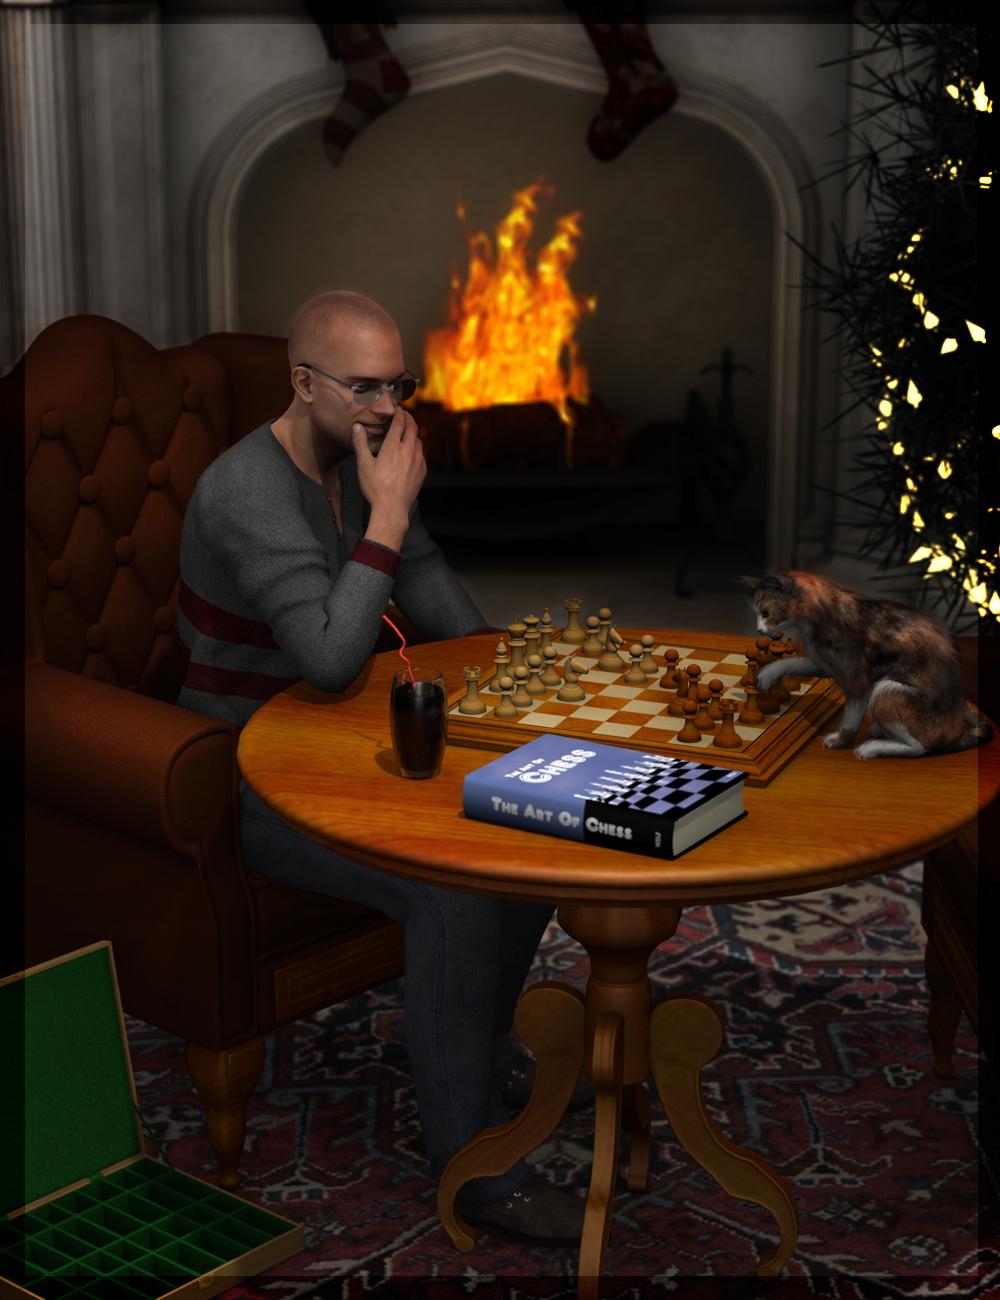 Fancy a Game of Chess by: Doctor JellybeanKhoryWee Dangerous John, 3D Models by Daz 3D